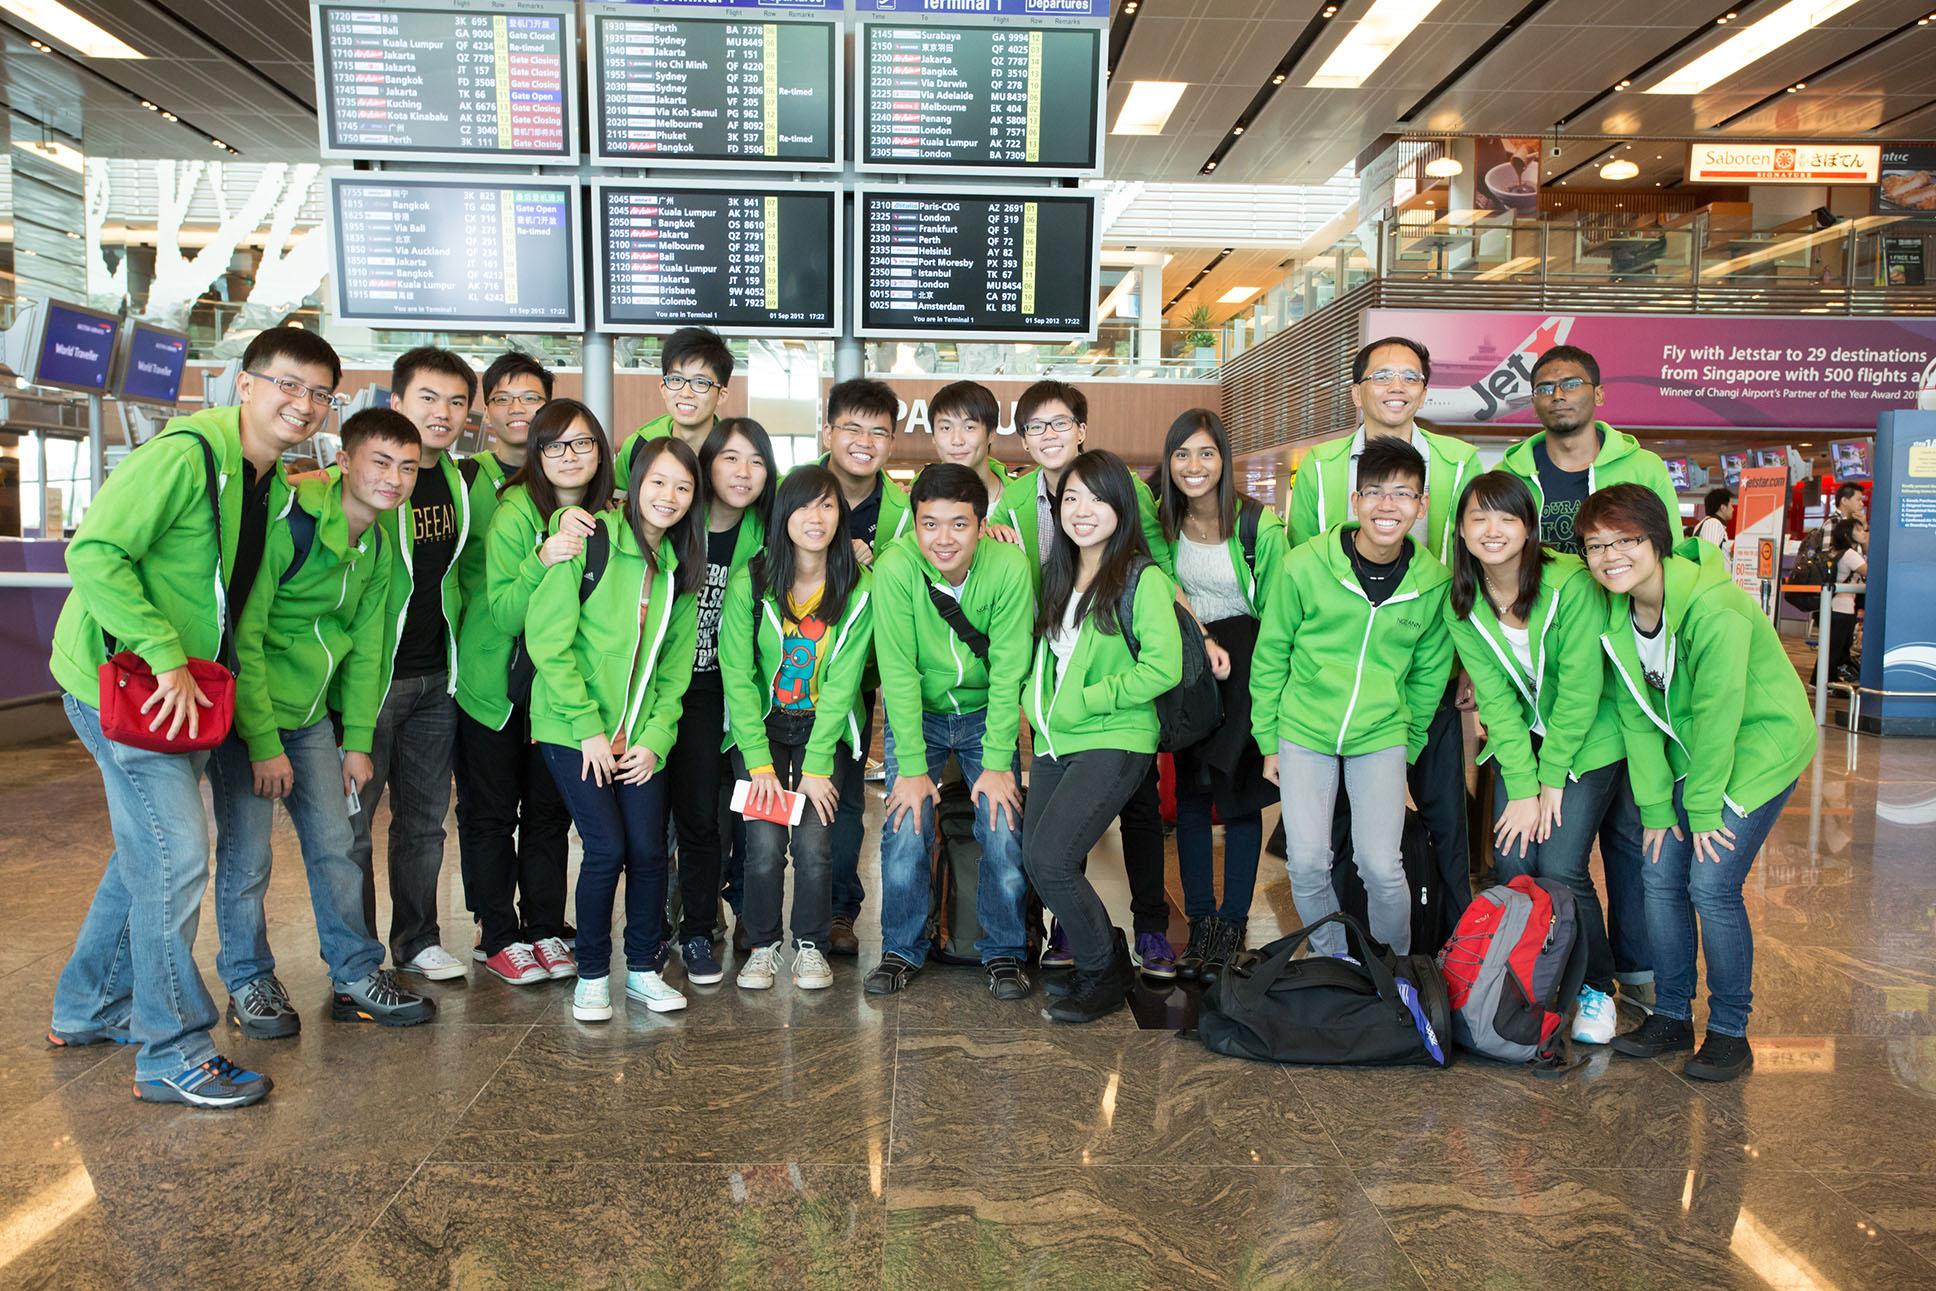 Day 0 at Changi Airport